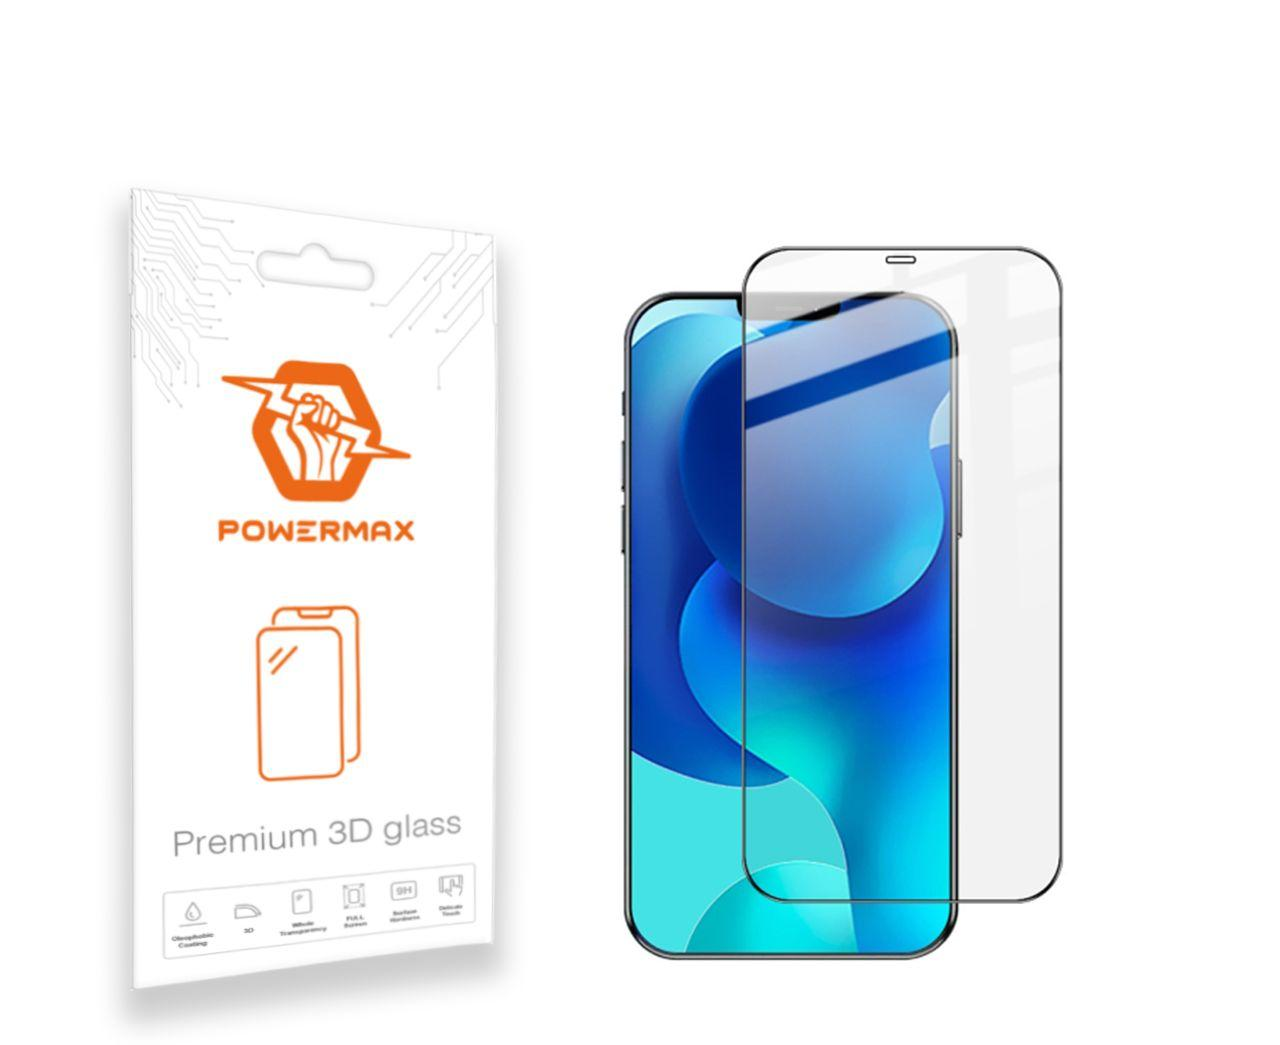 Защитное стекло Powermax 3D Premium Apple iPhone 12, iPhone 12 Pro Black (PWRMX3DIPH12B)